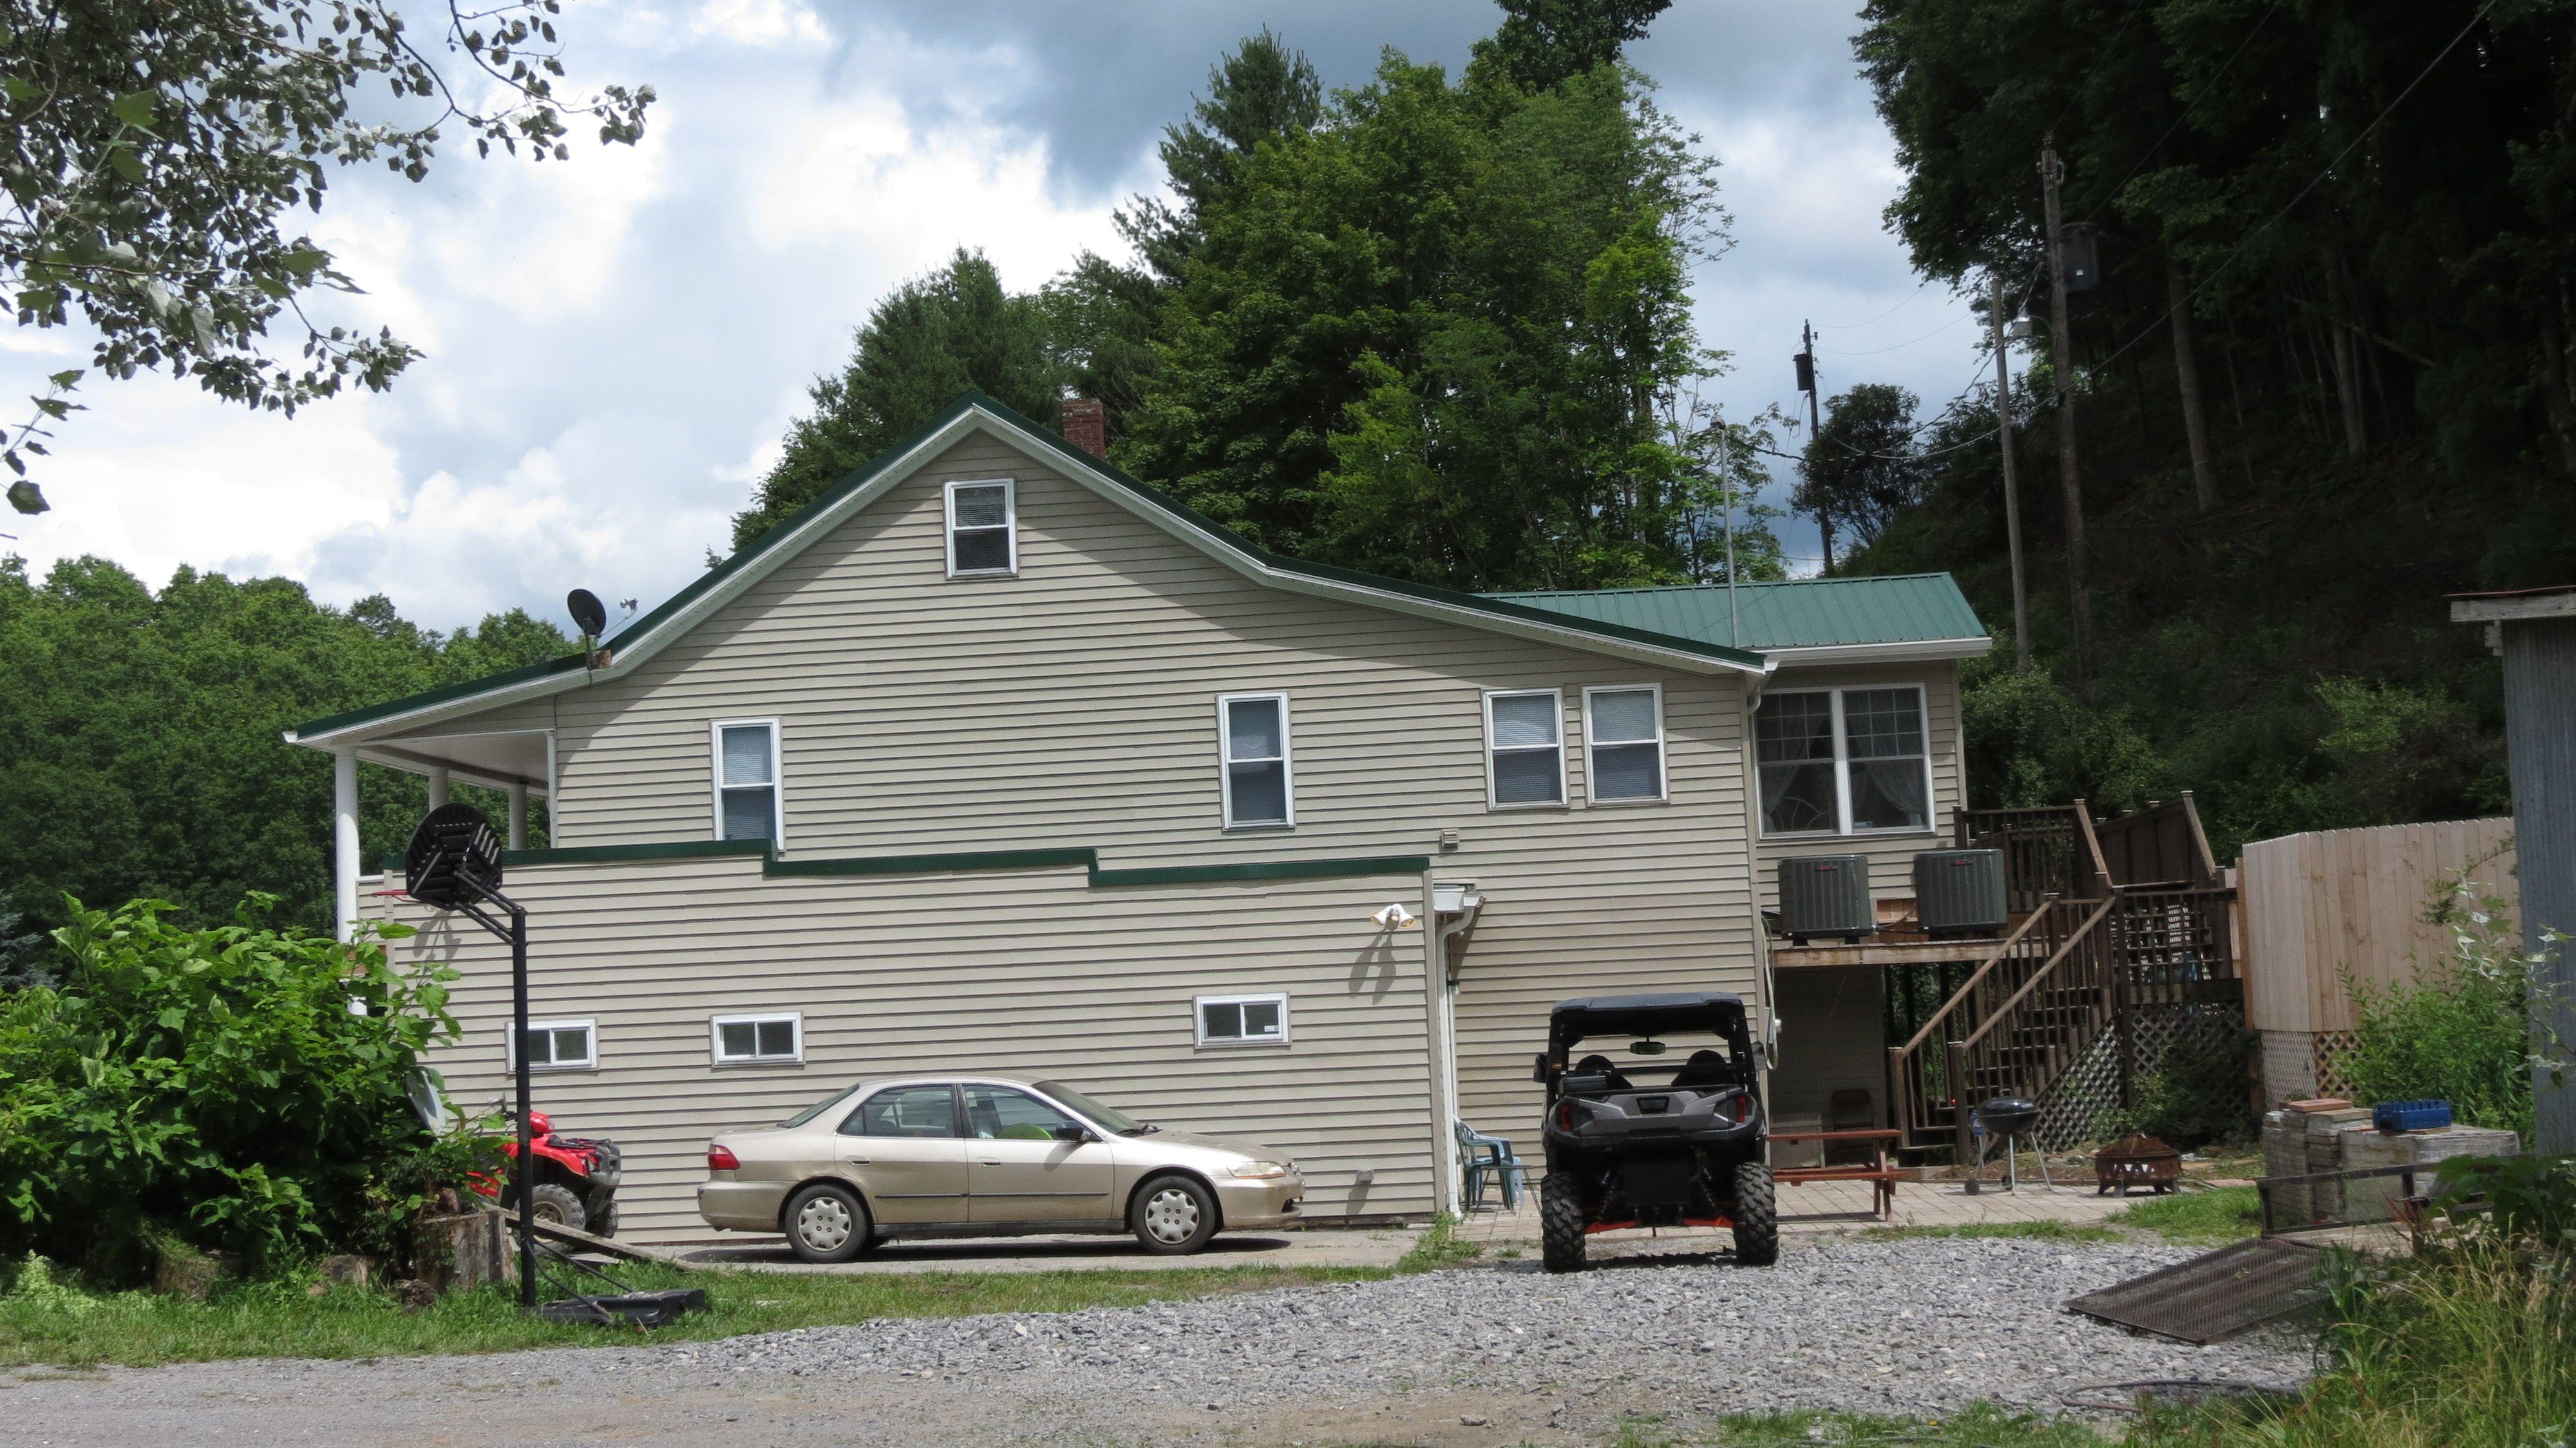 north mountain cabin rentals boulder s ga colorado carolina cabins wv in cottage